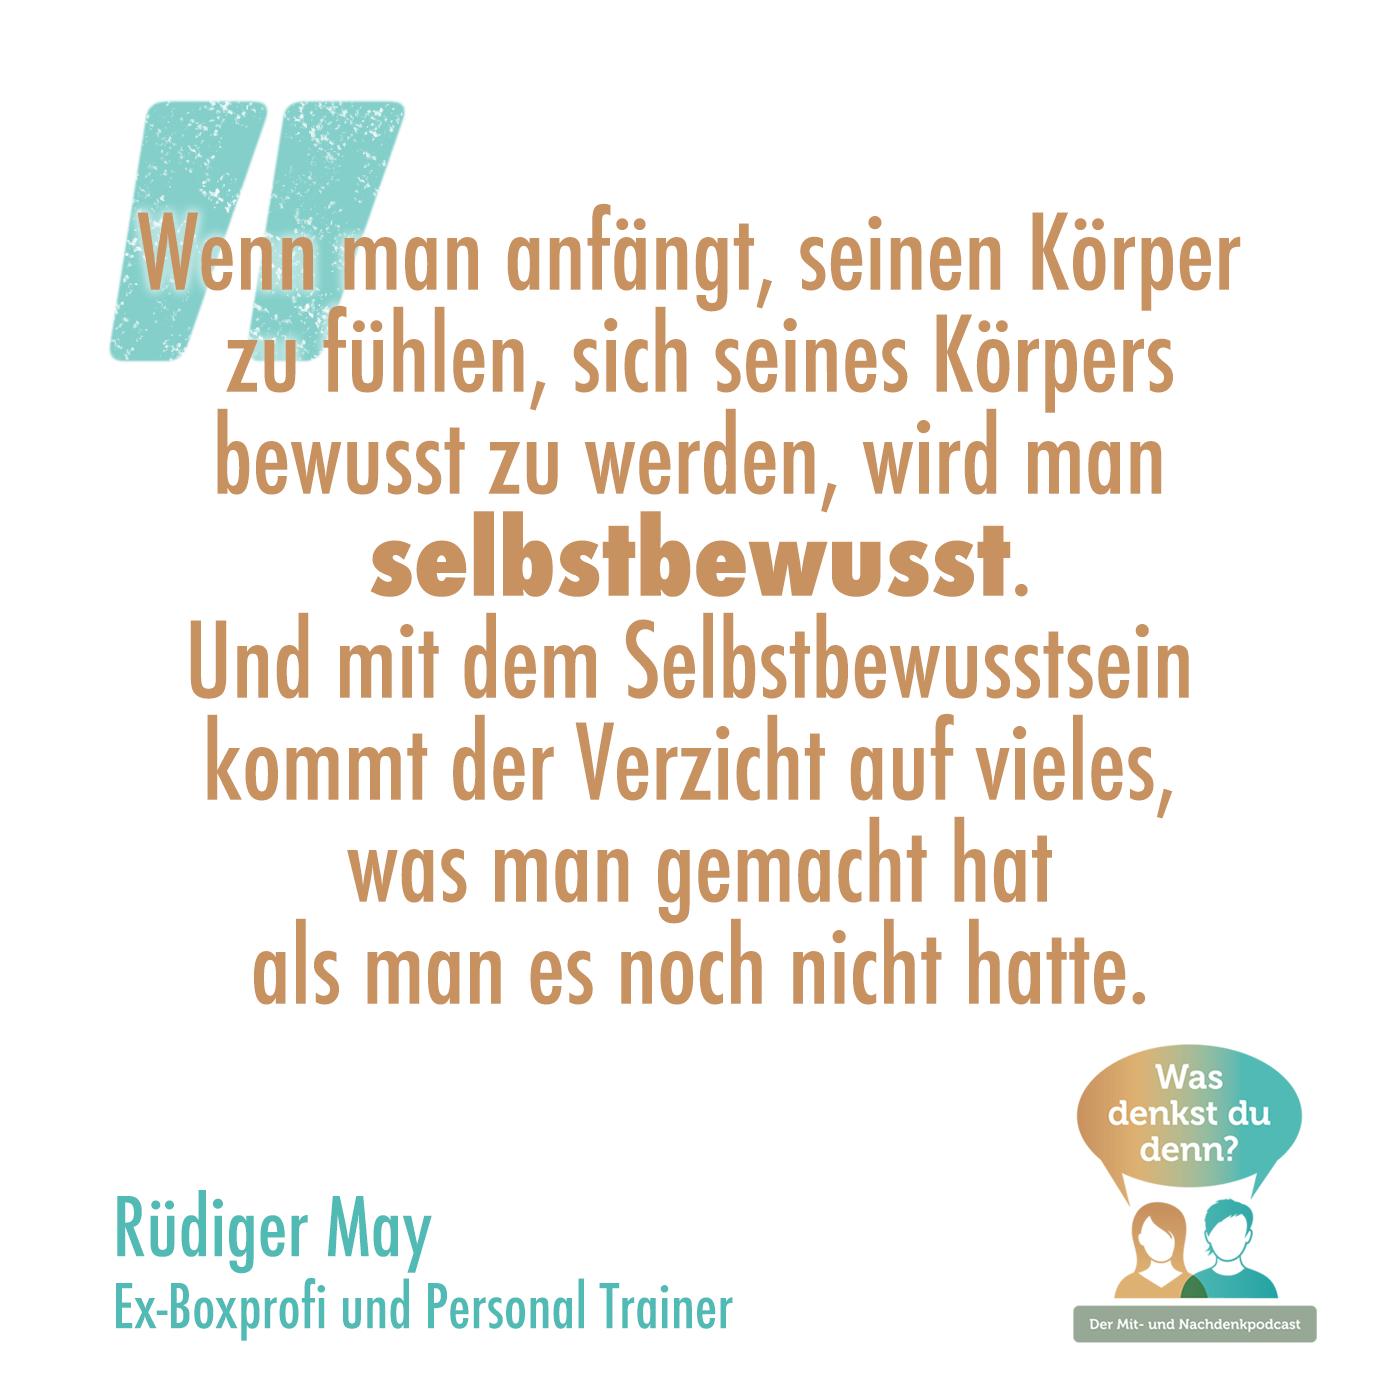 Zitat Rüdiger May: Wenn man anfängt, seinen Körper zu fühlen, sich seines Körpers bewusst zu werden, wird man selbstbewusst.Und mit dem Selbstbewusstsein kommt der Verzicht auf vieles, was man gemacht hat als man es noch nicht hatte.